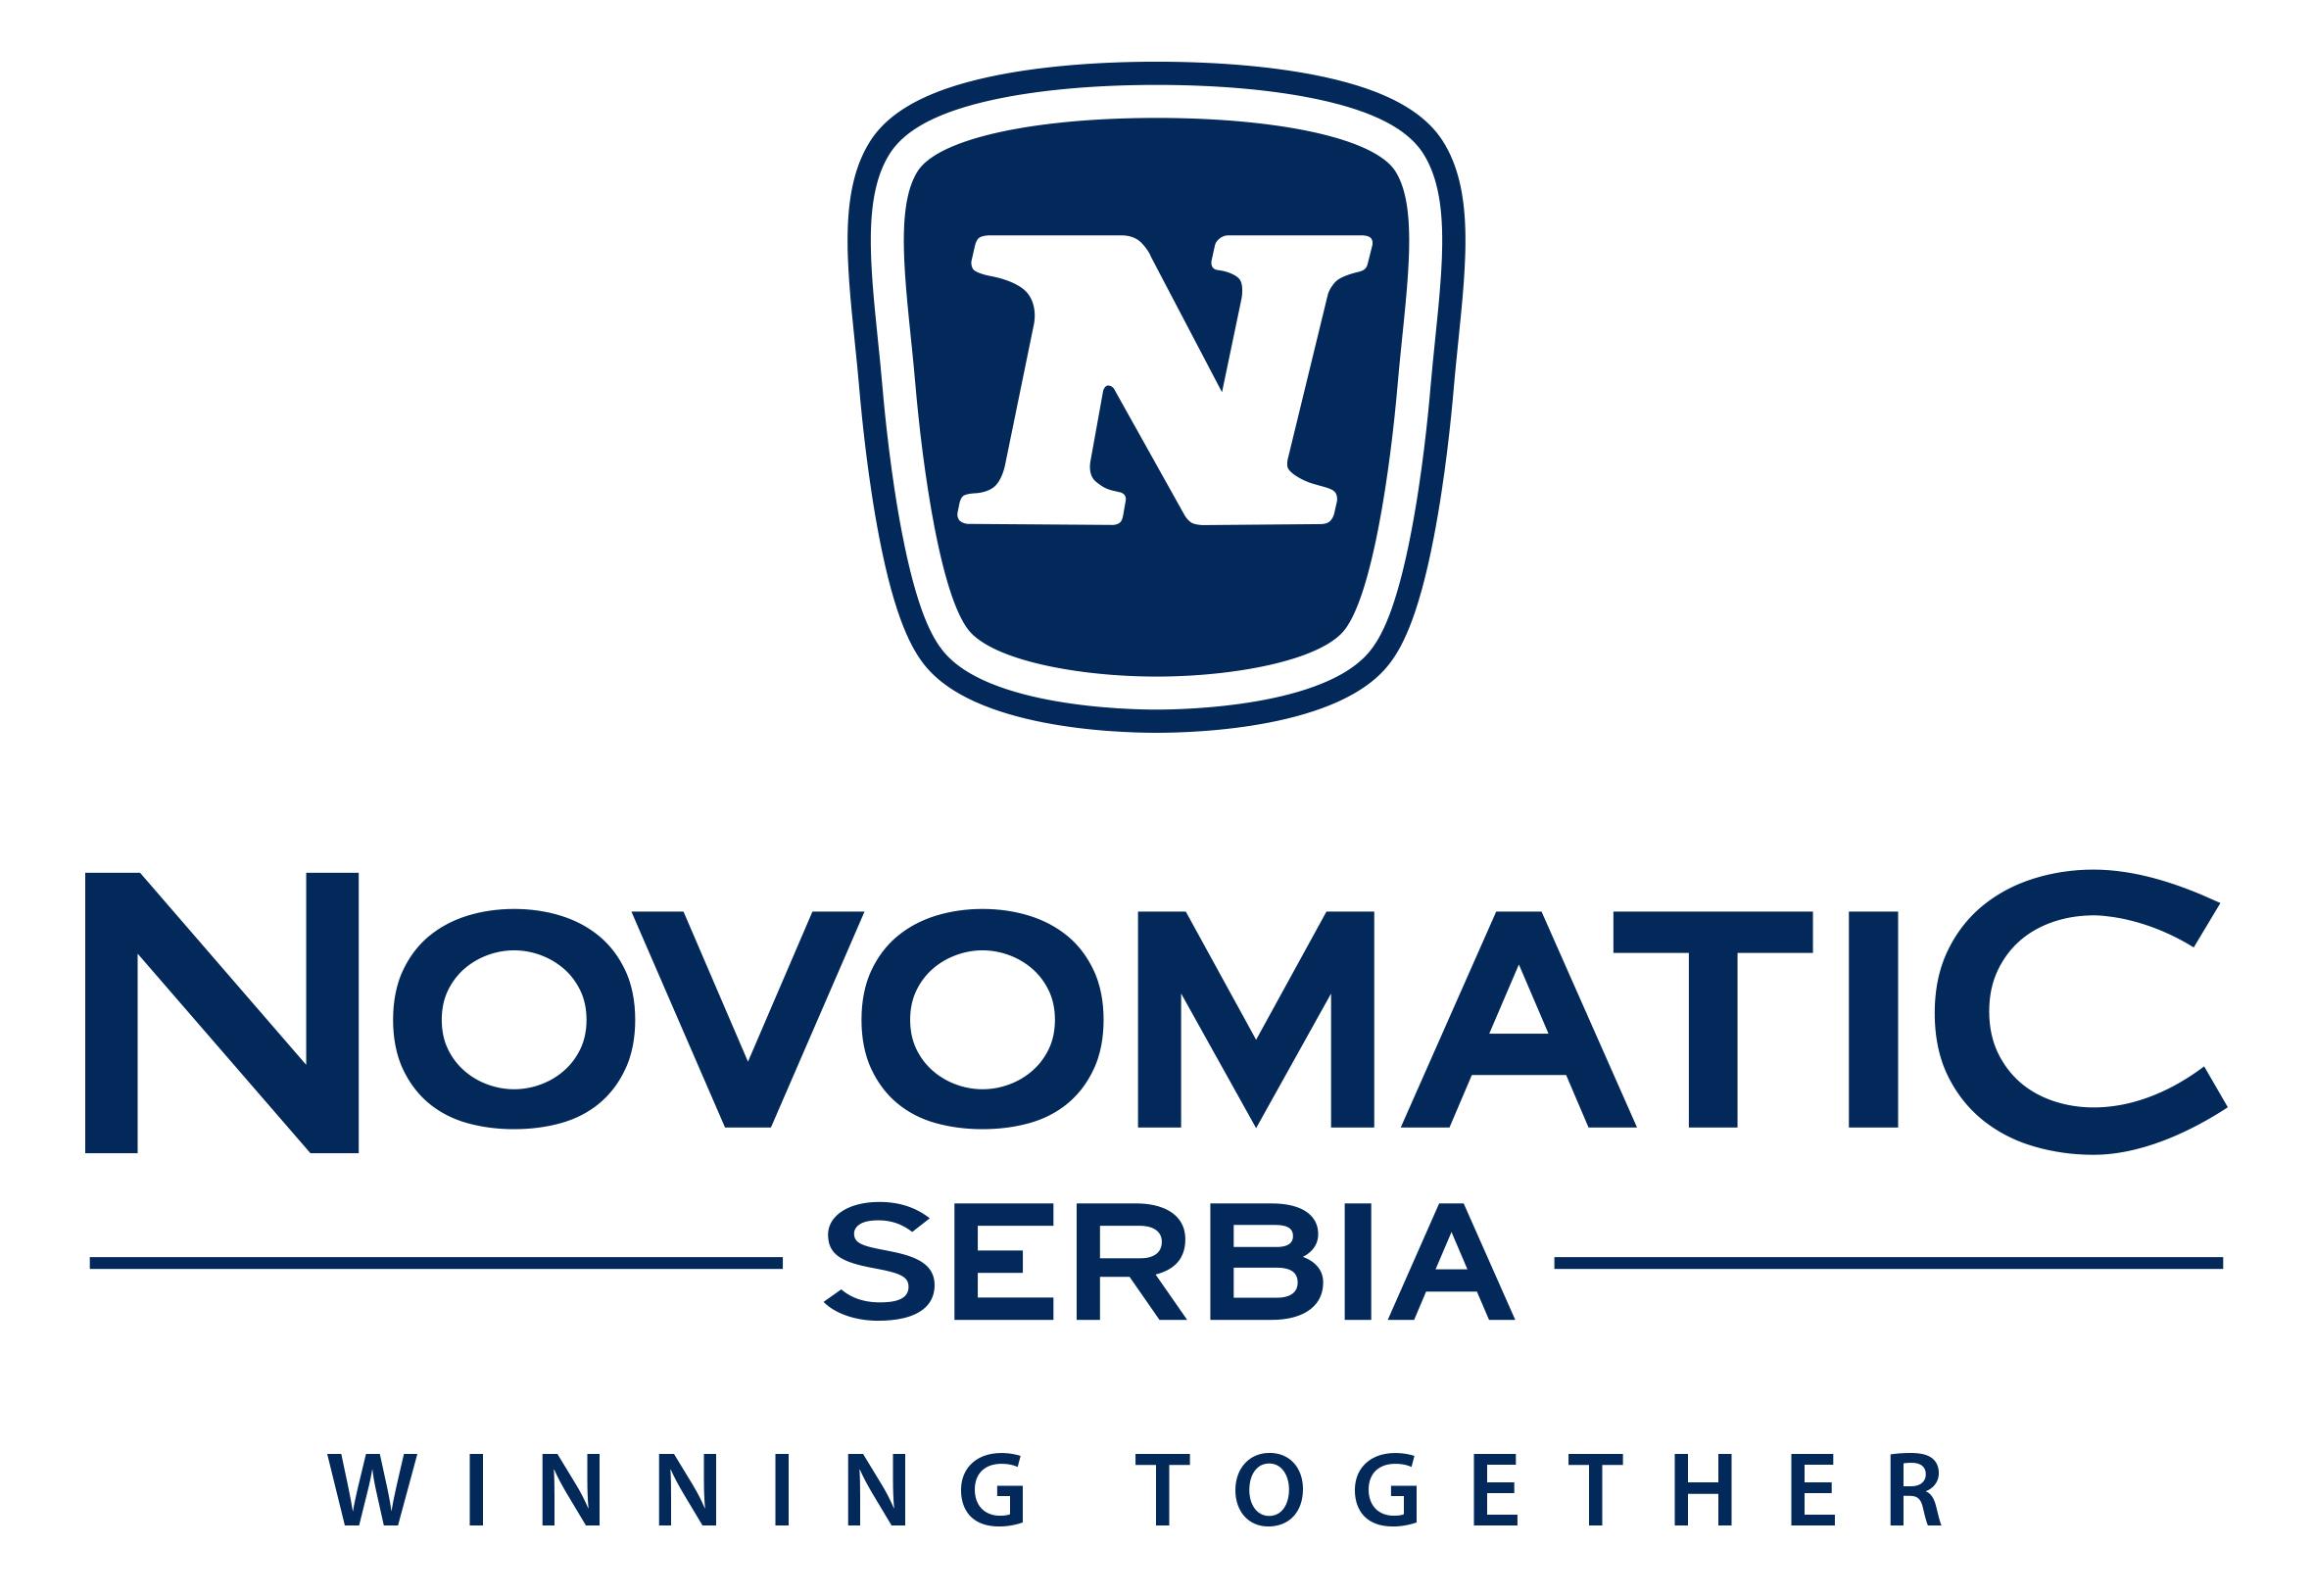 NOVOMATIC Srbija